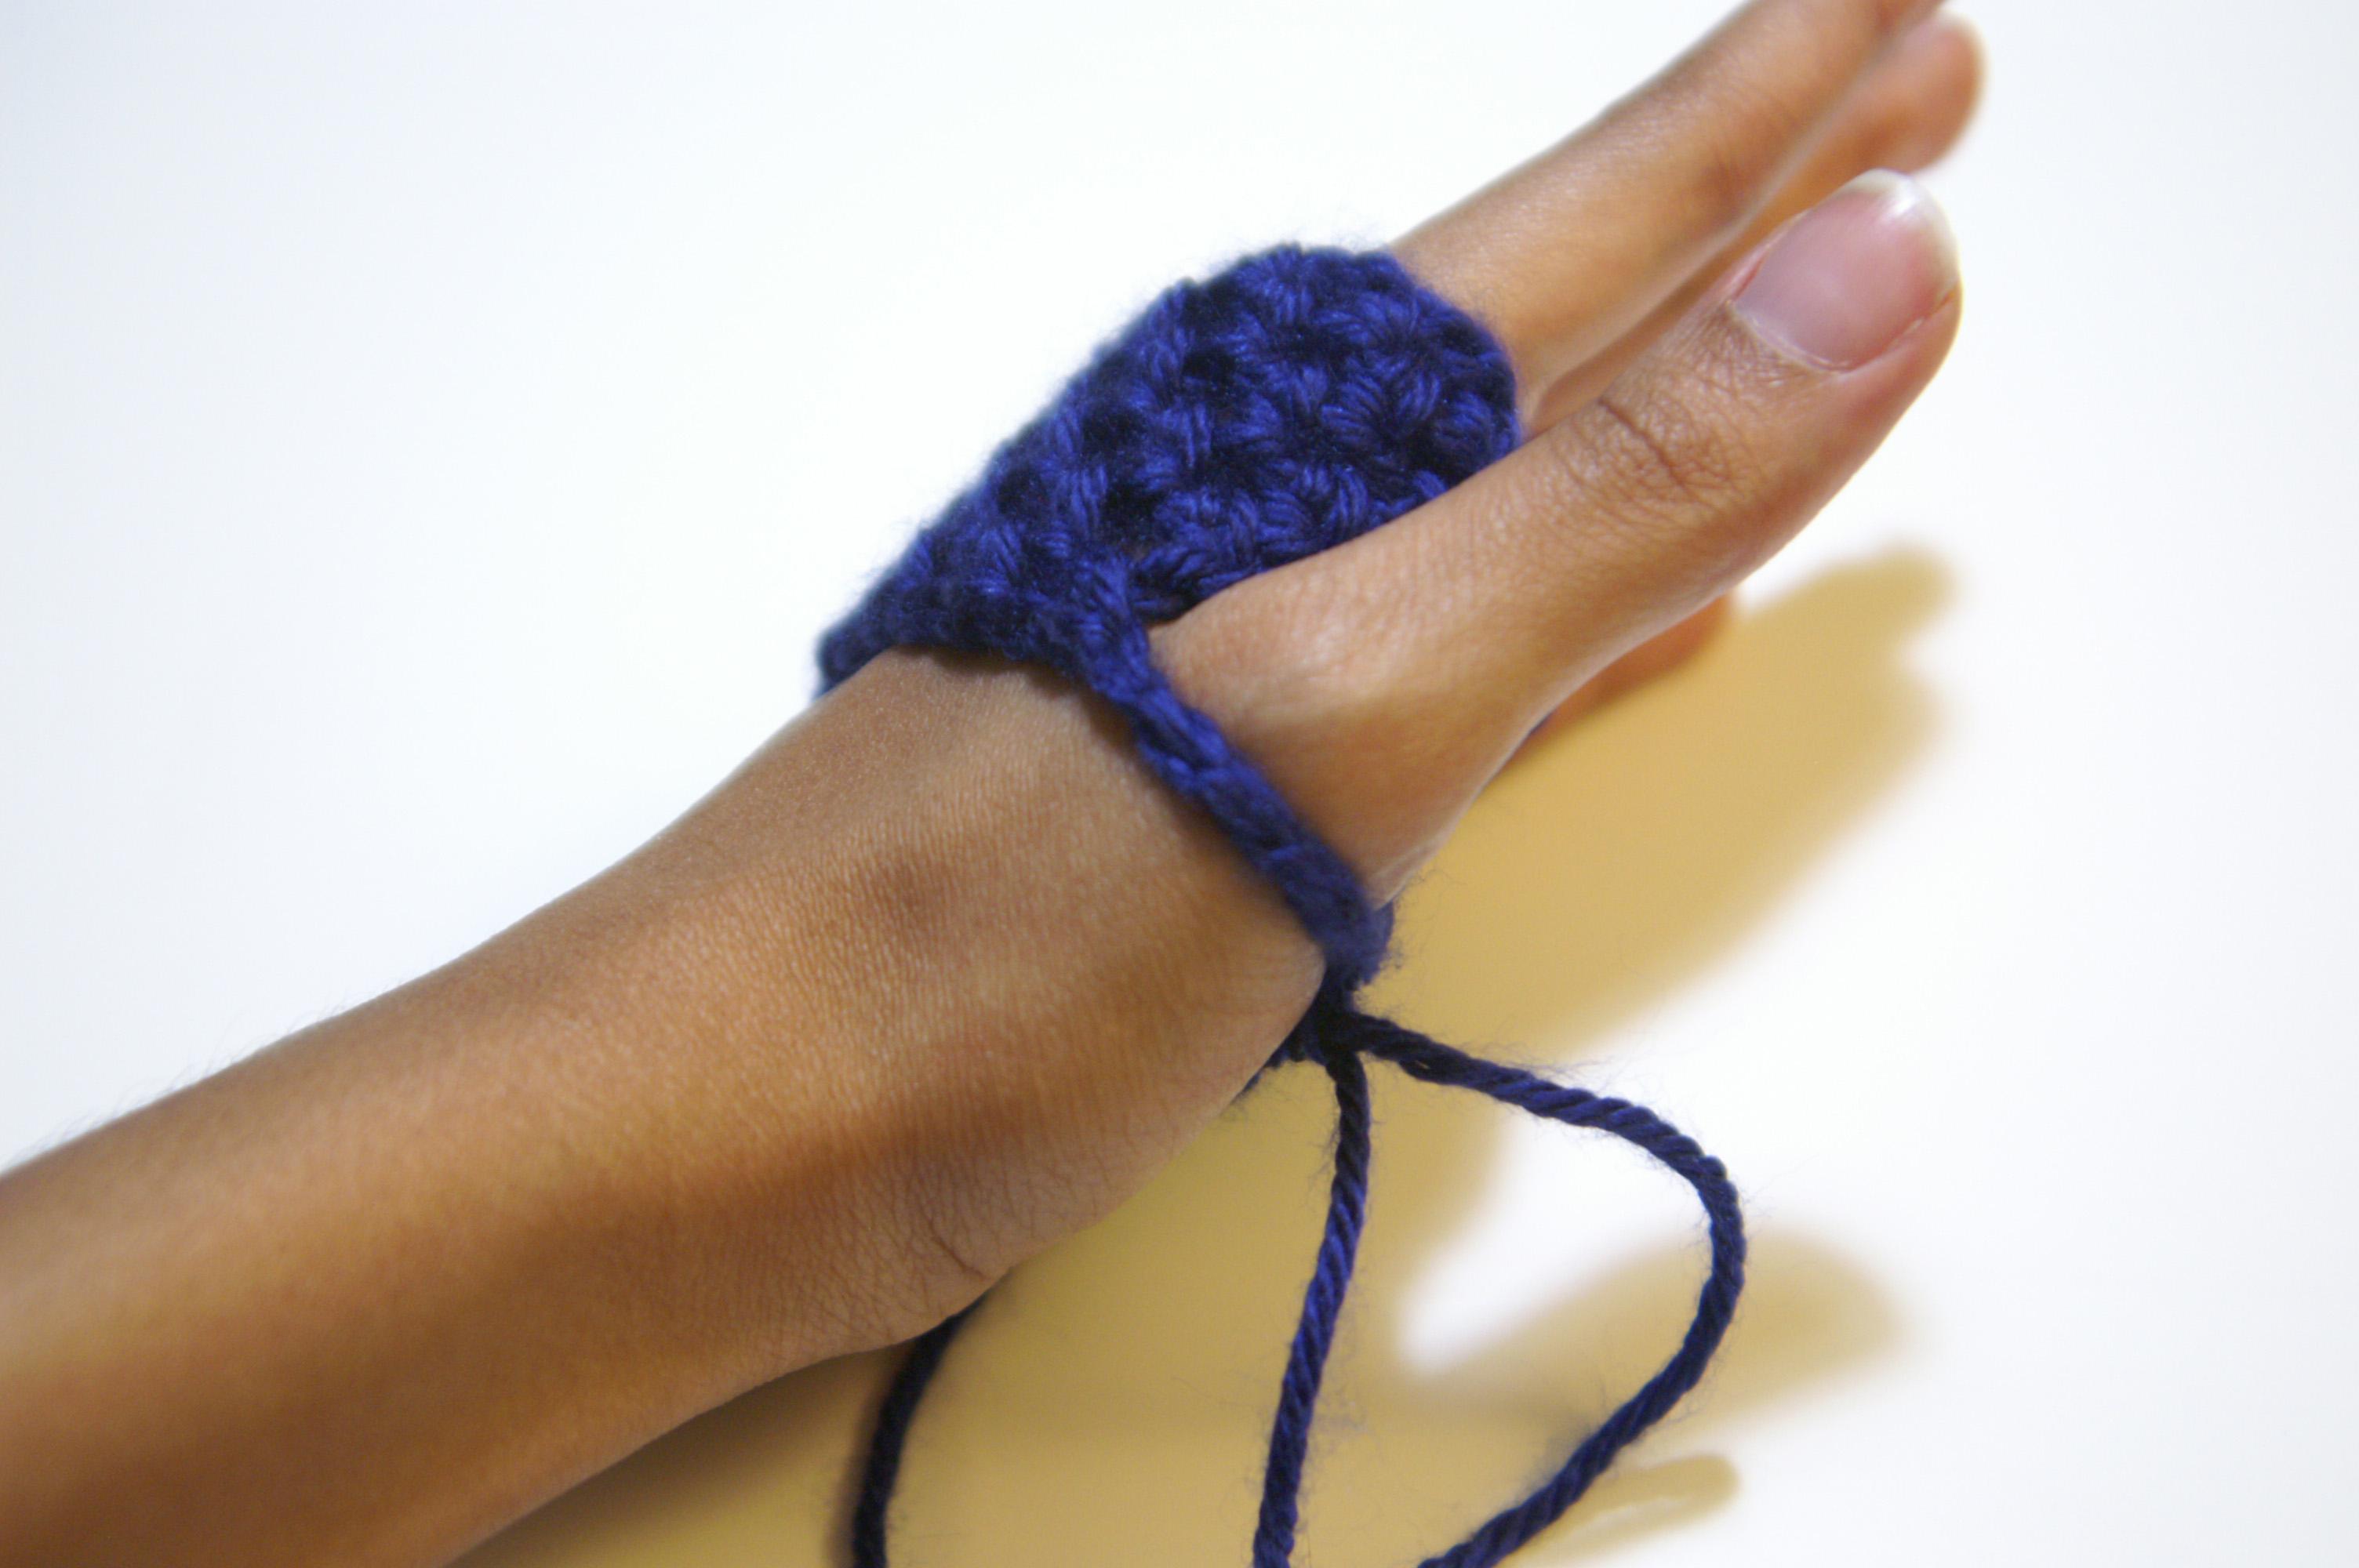 Fingerless gloves diy - Beautifully Blue Diy Cozy Crochet Fingerless Gloves